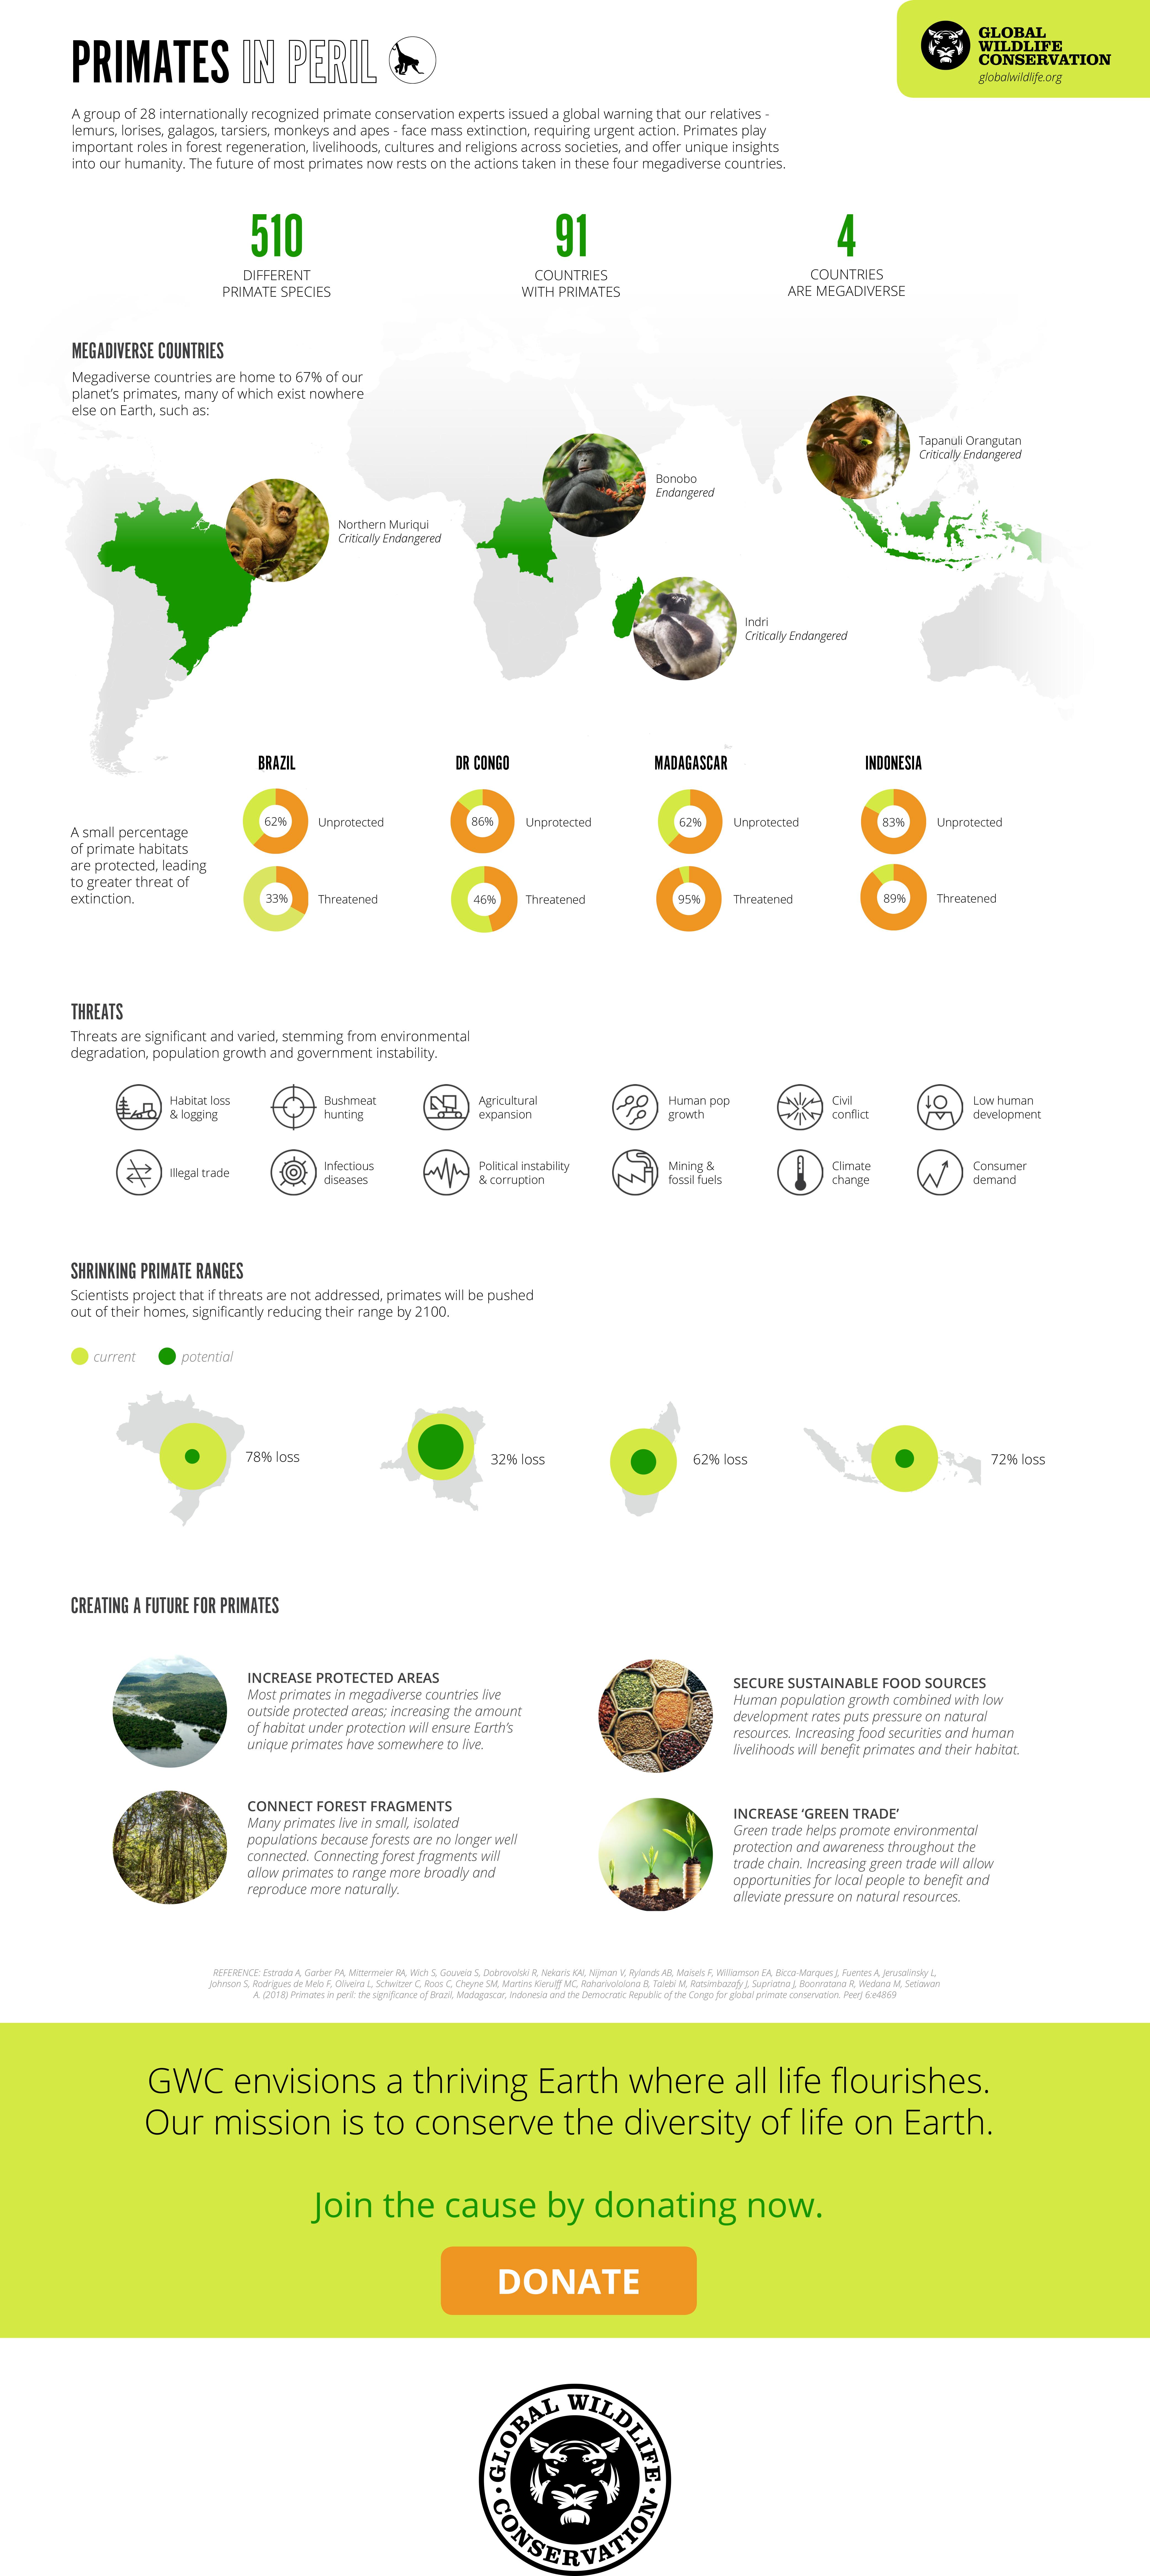 Primates-in-Peril-infographic